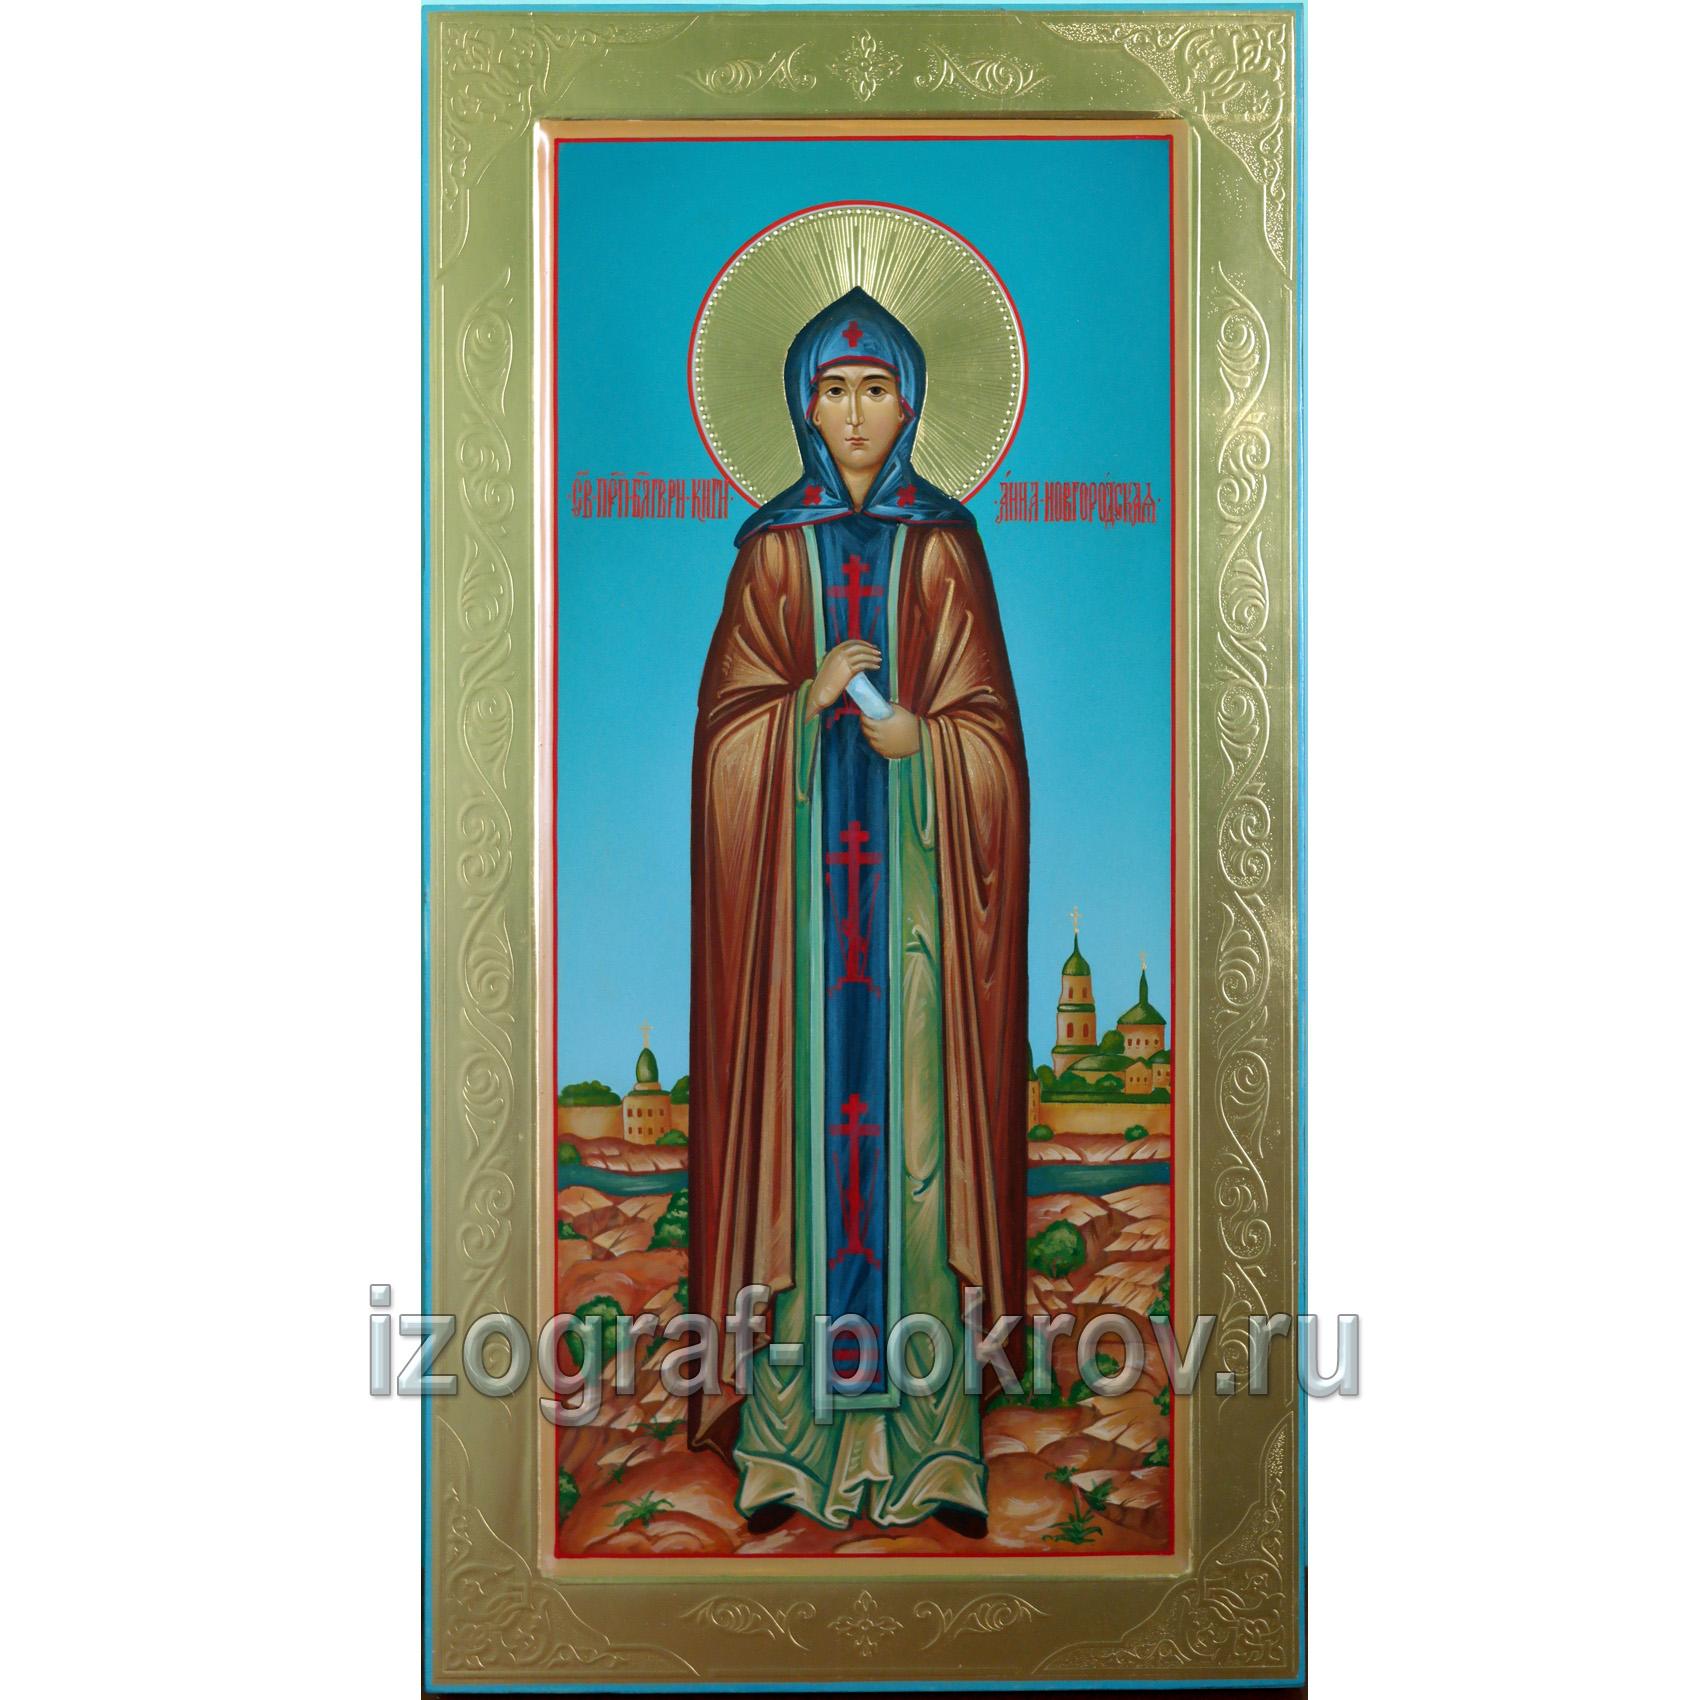 Мерная икона благоверная княгиня Анна Новгородская